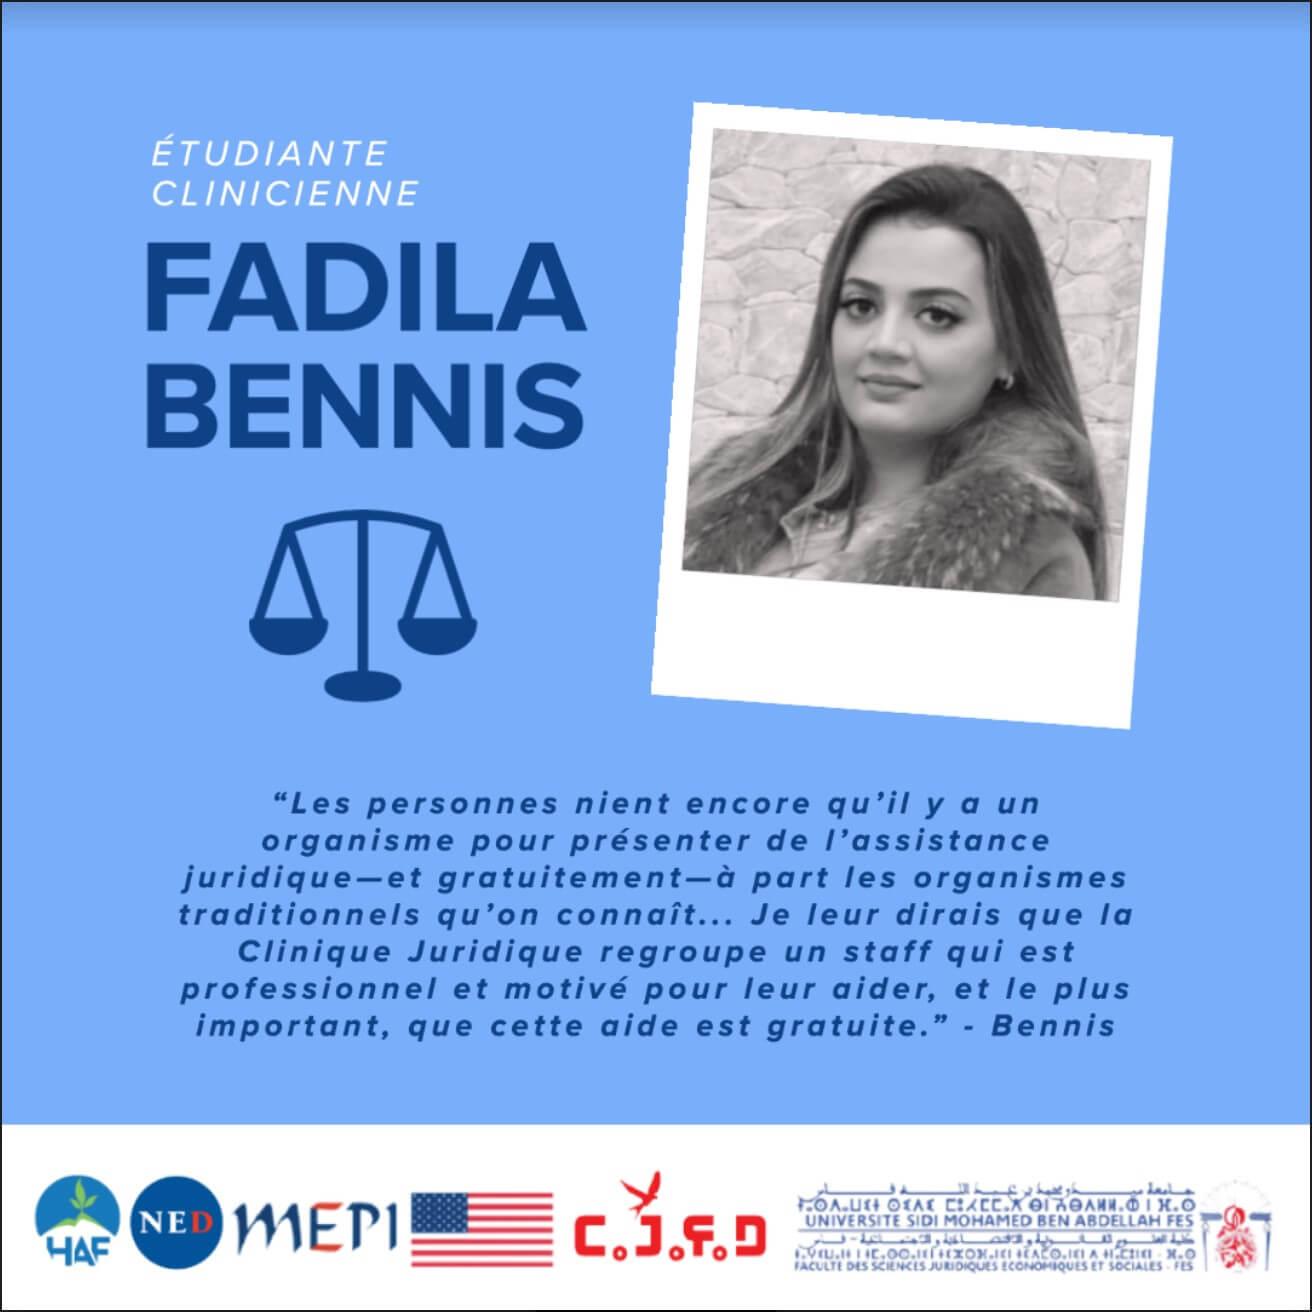 An interview with Fadila Bennis from the Clinique Juridique de la Faculté de Droit (CJFD) in Fez